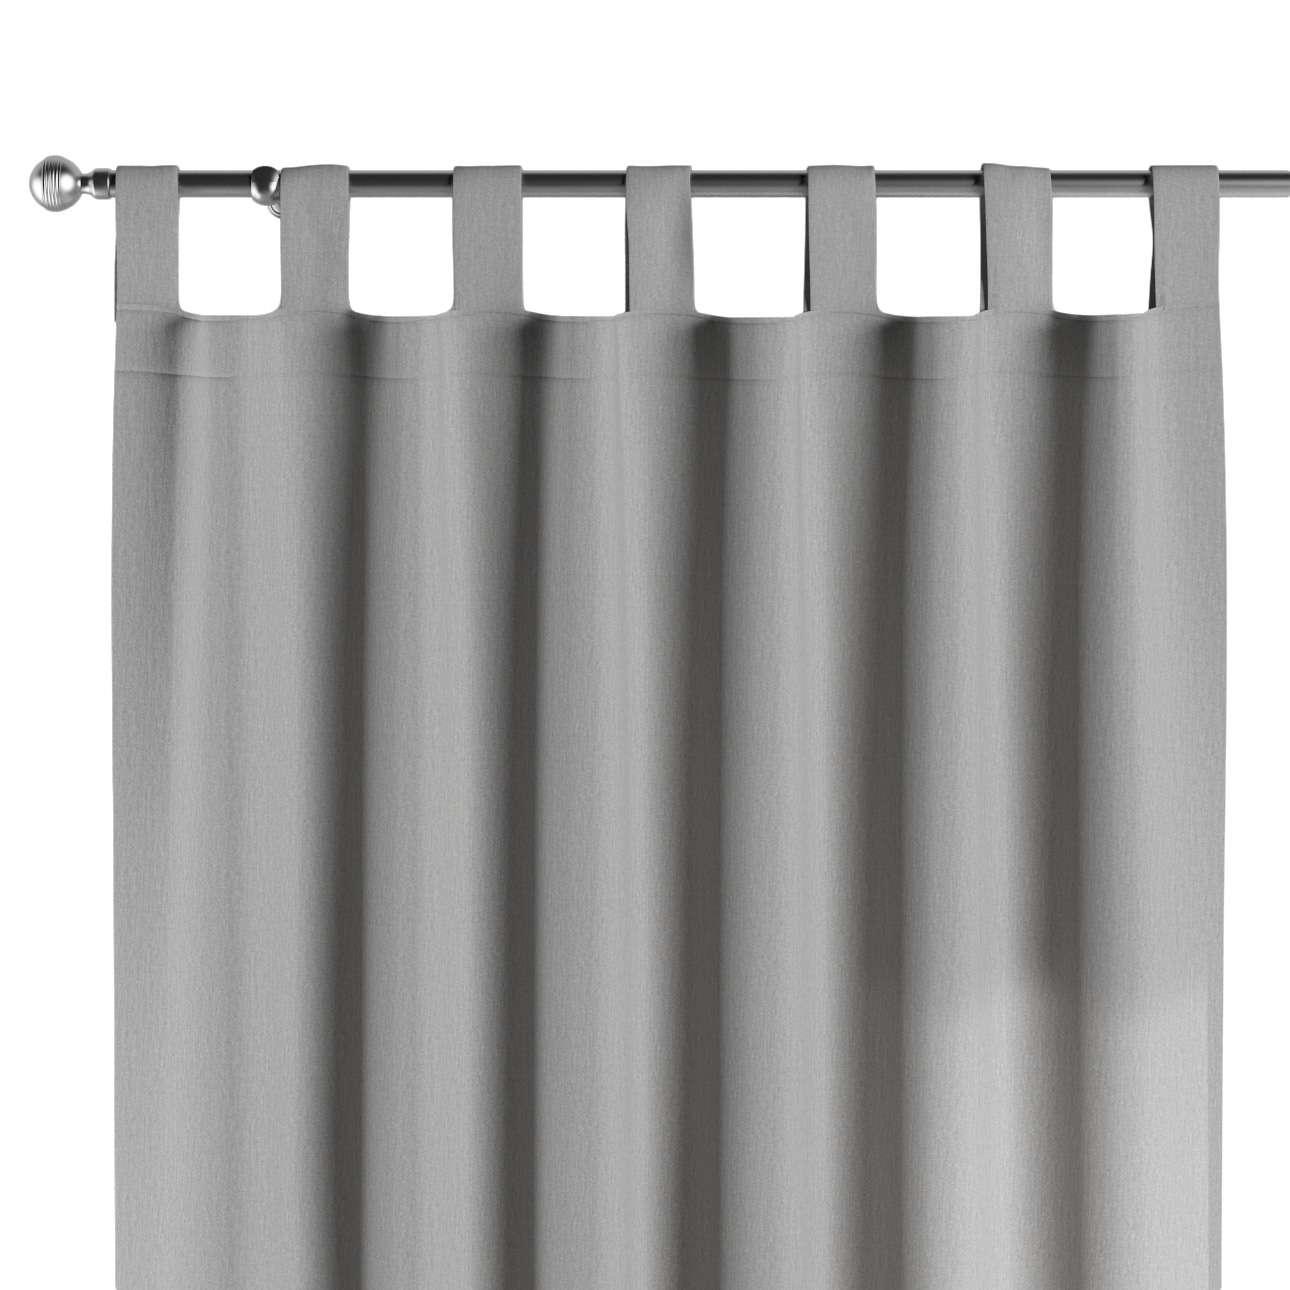 Kilpinio klostavimo užuolaidos 130 × 260 cm (plotis × ilgis) kolekcijoje Chenille, audinys: 702-23